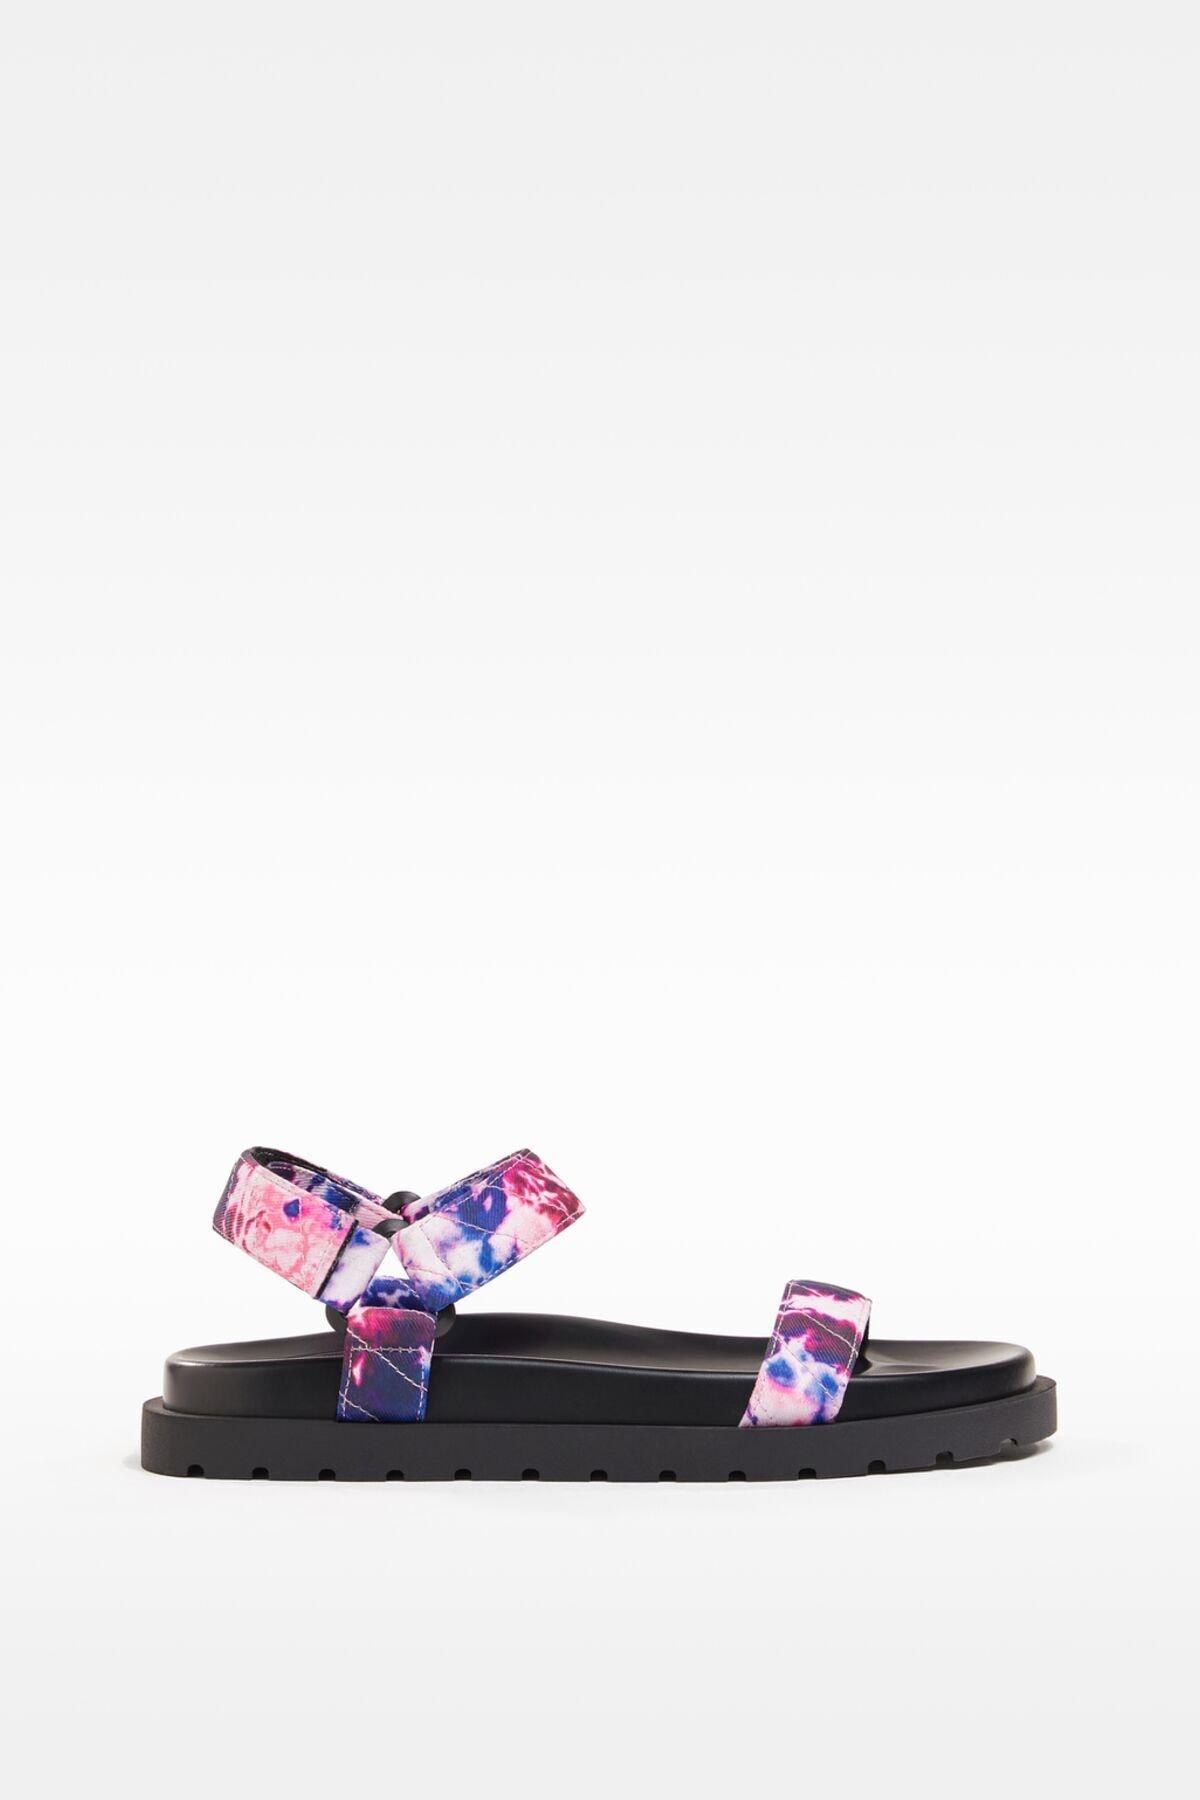 Bershka Kadın Çok Renkli Batik Düz Kapitone Sandalet 11821760